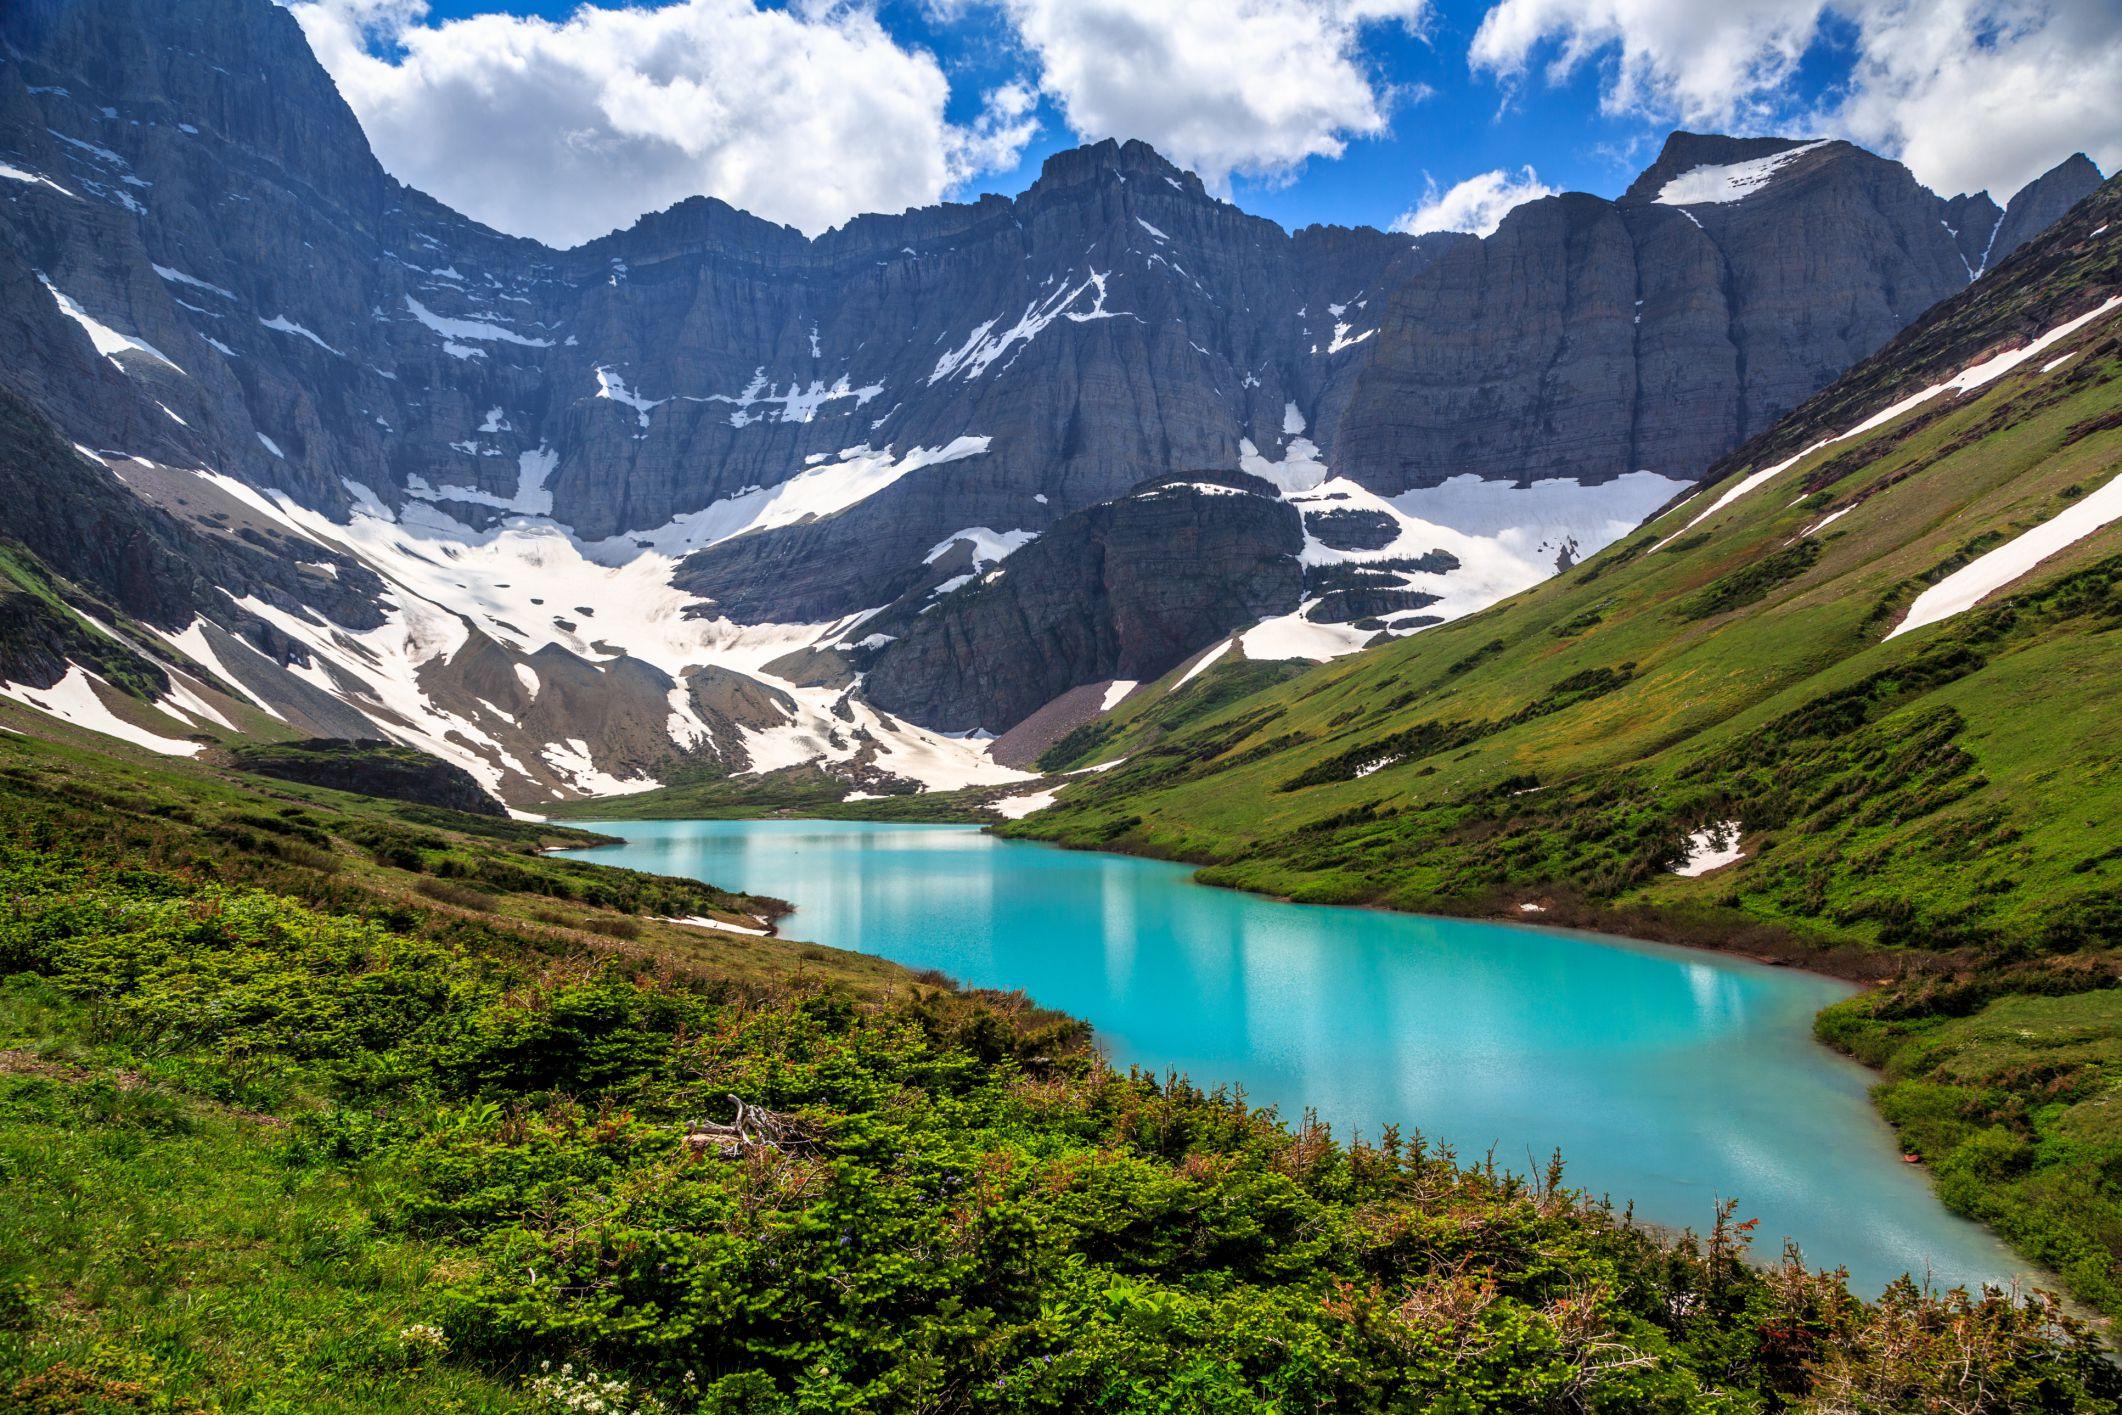 montana's glacier national park: a travel guide